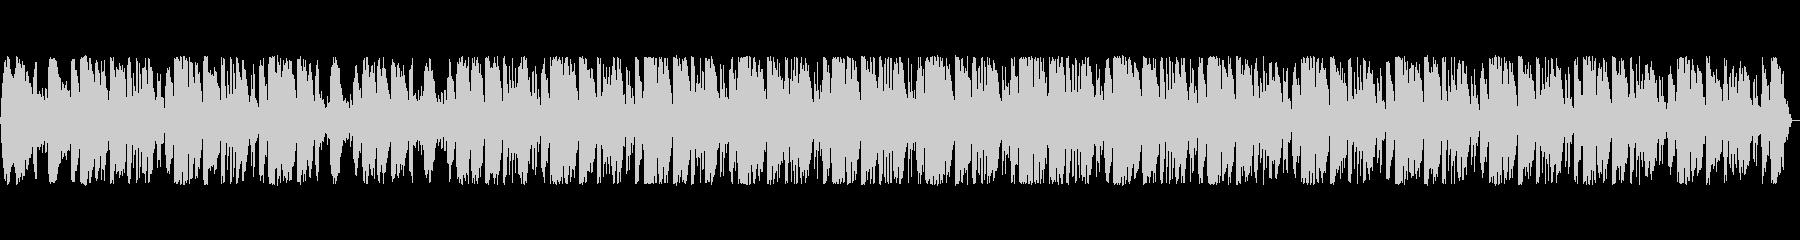 ダークでアンダーグラウンドなピアノテクノの未再生の波形